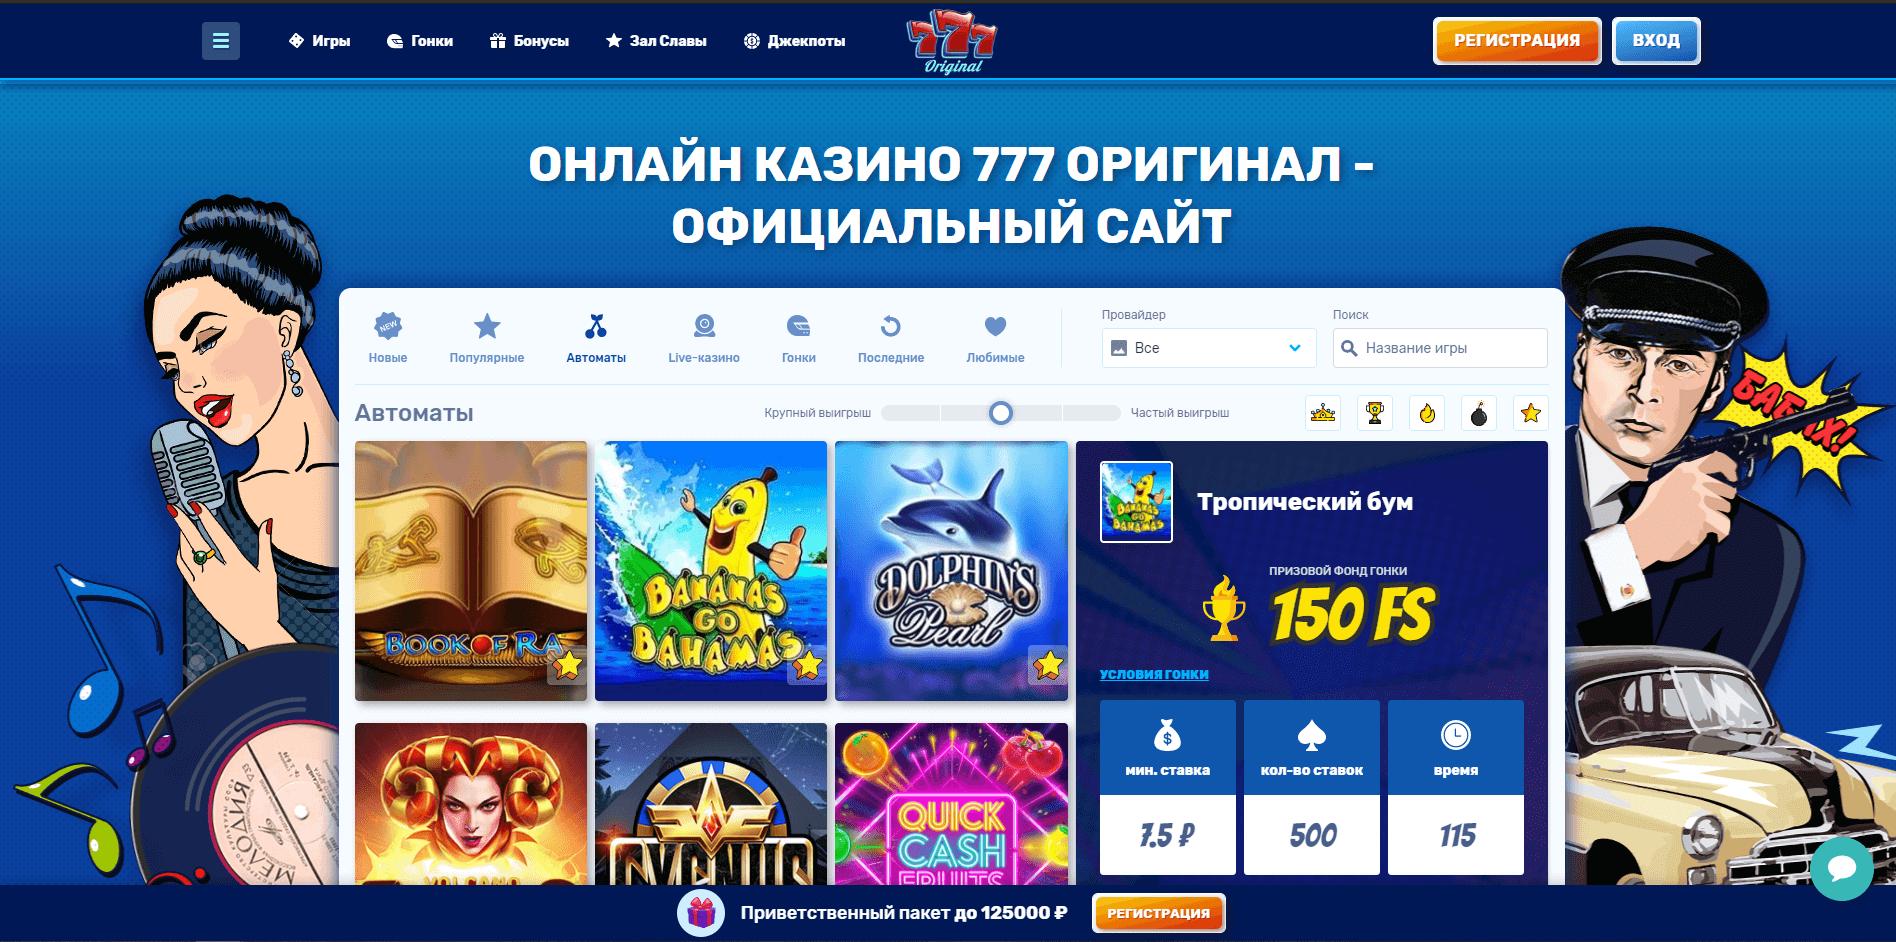 сайт онлайн казино оріджинал 777